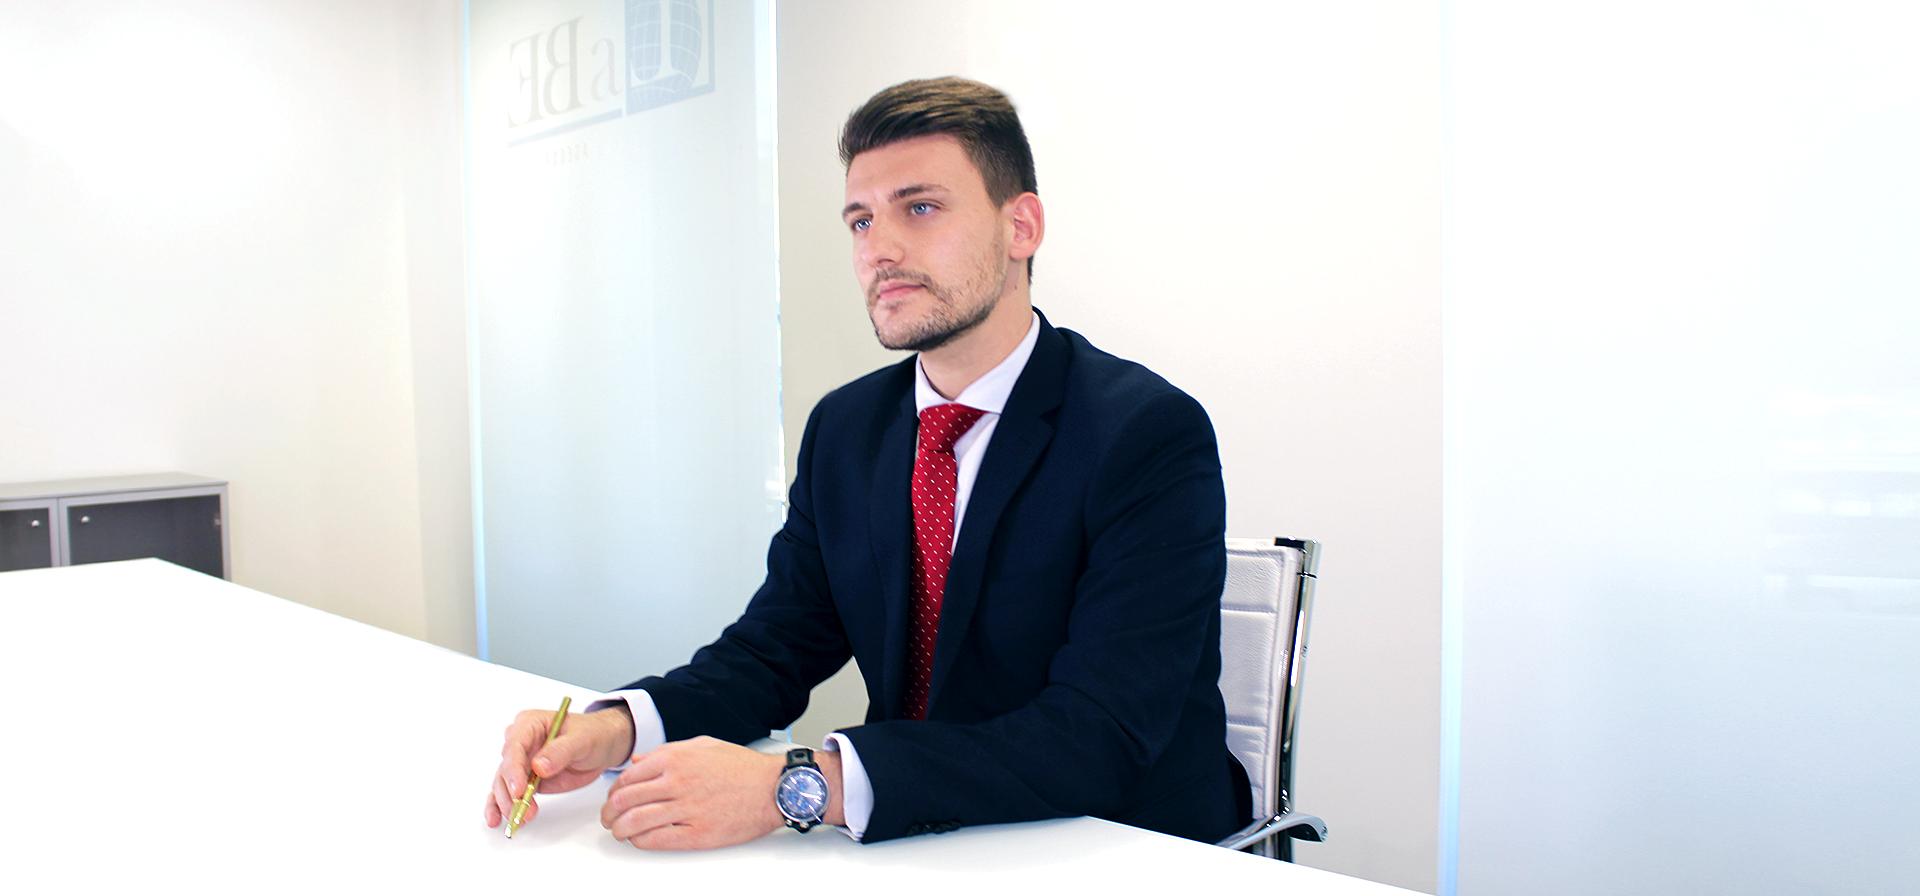 negocio-digital-diario-juridico